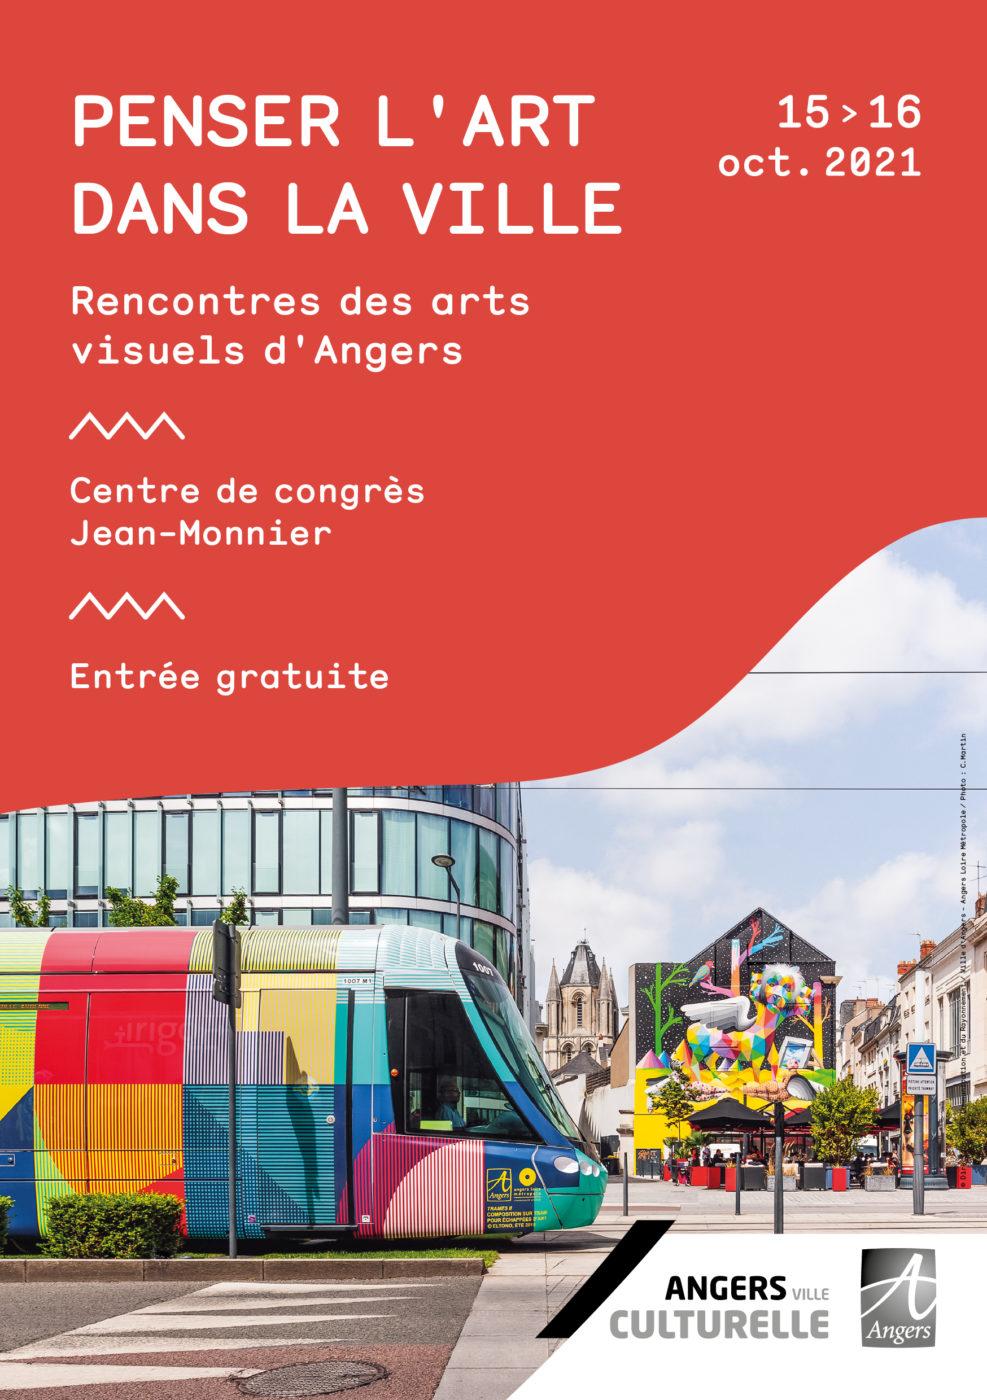 Penser l'art dans la ville — Pôle Arts Visuels Pays de la Loire